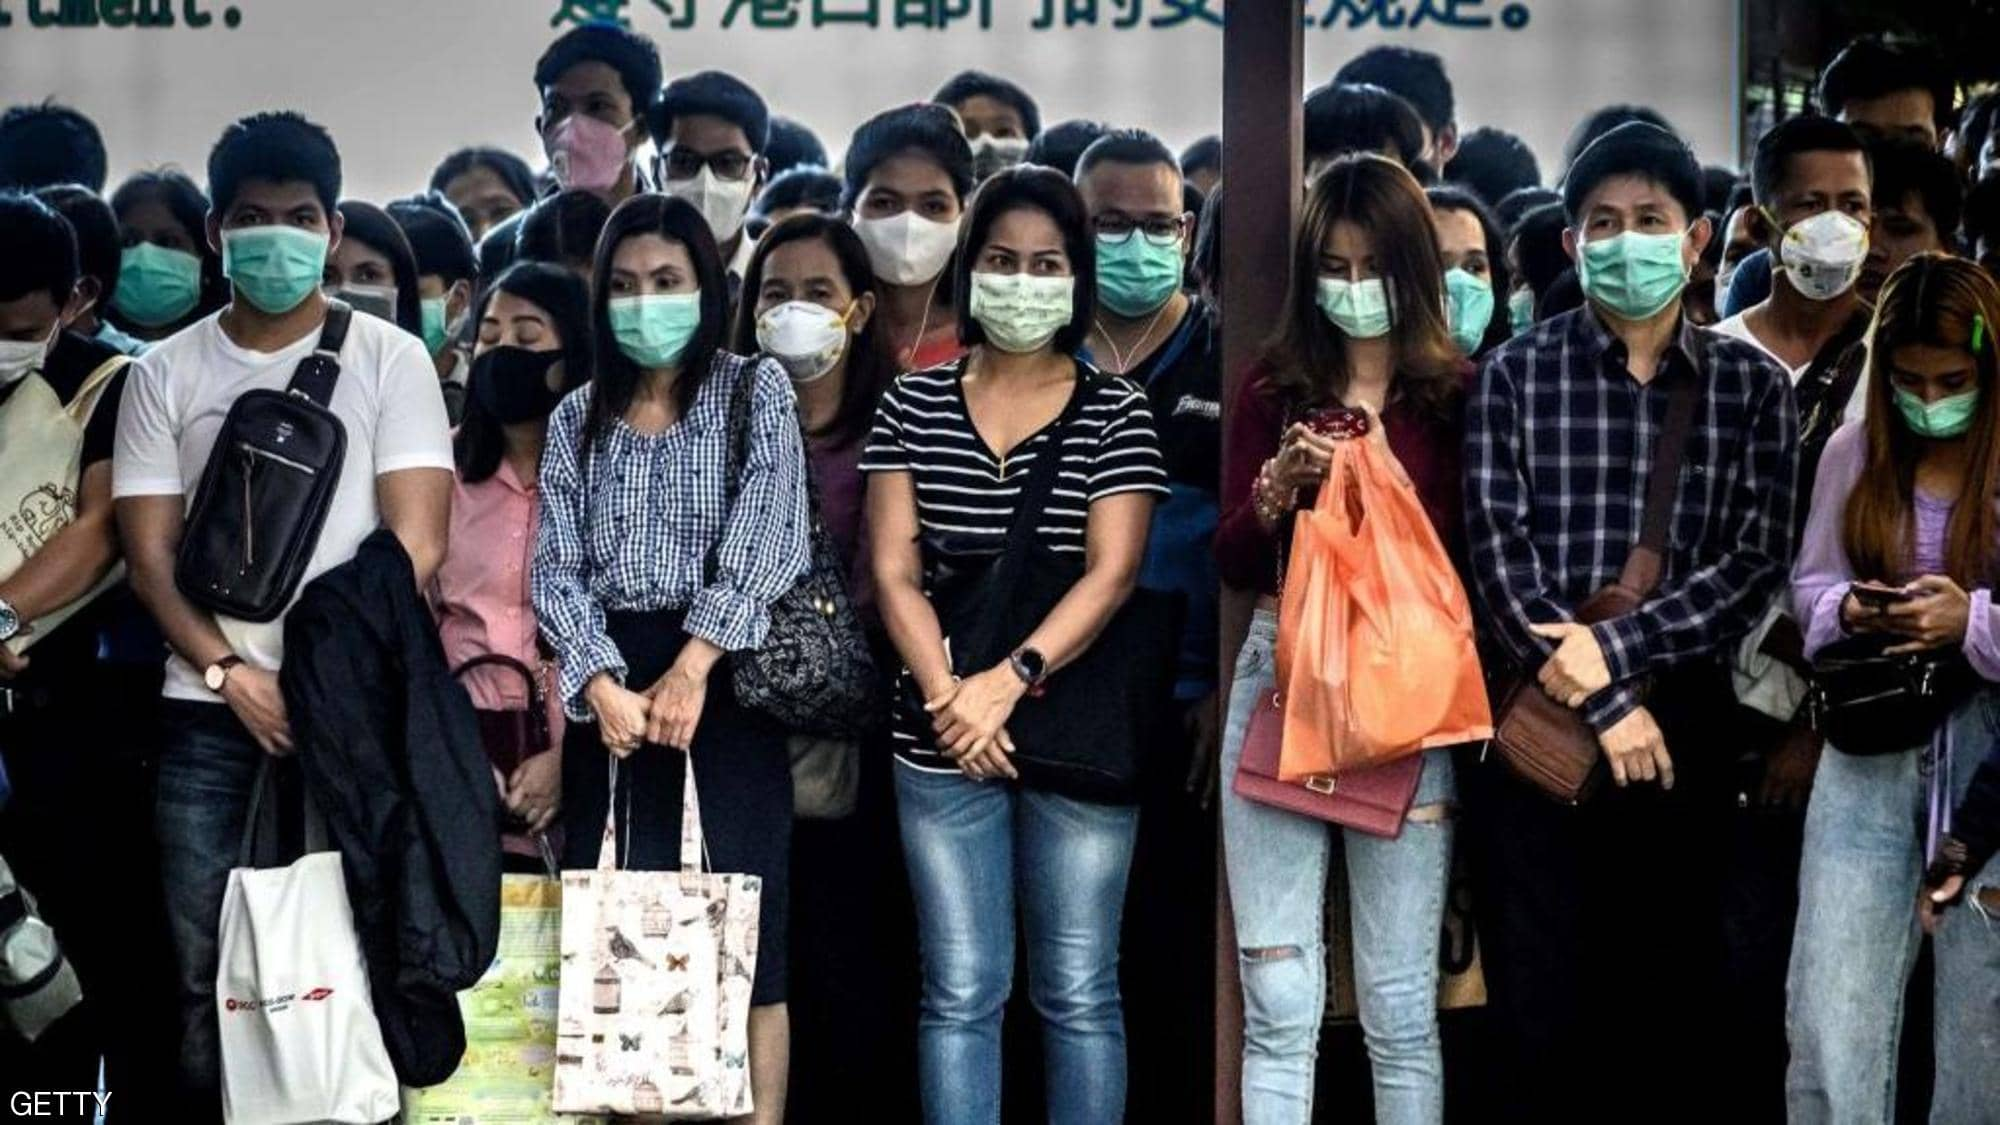 ضريبة ظهور كورونا في ووهان.. مصانع العالم تهرب من الصين